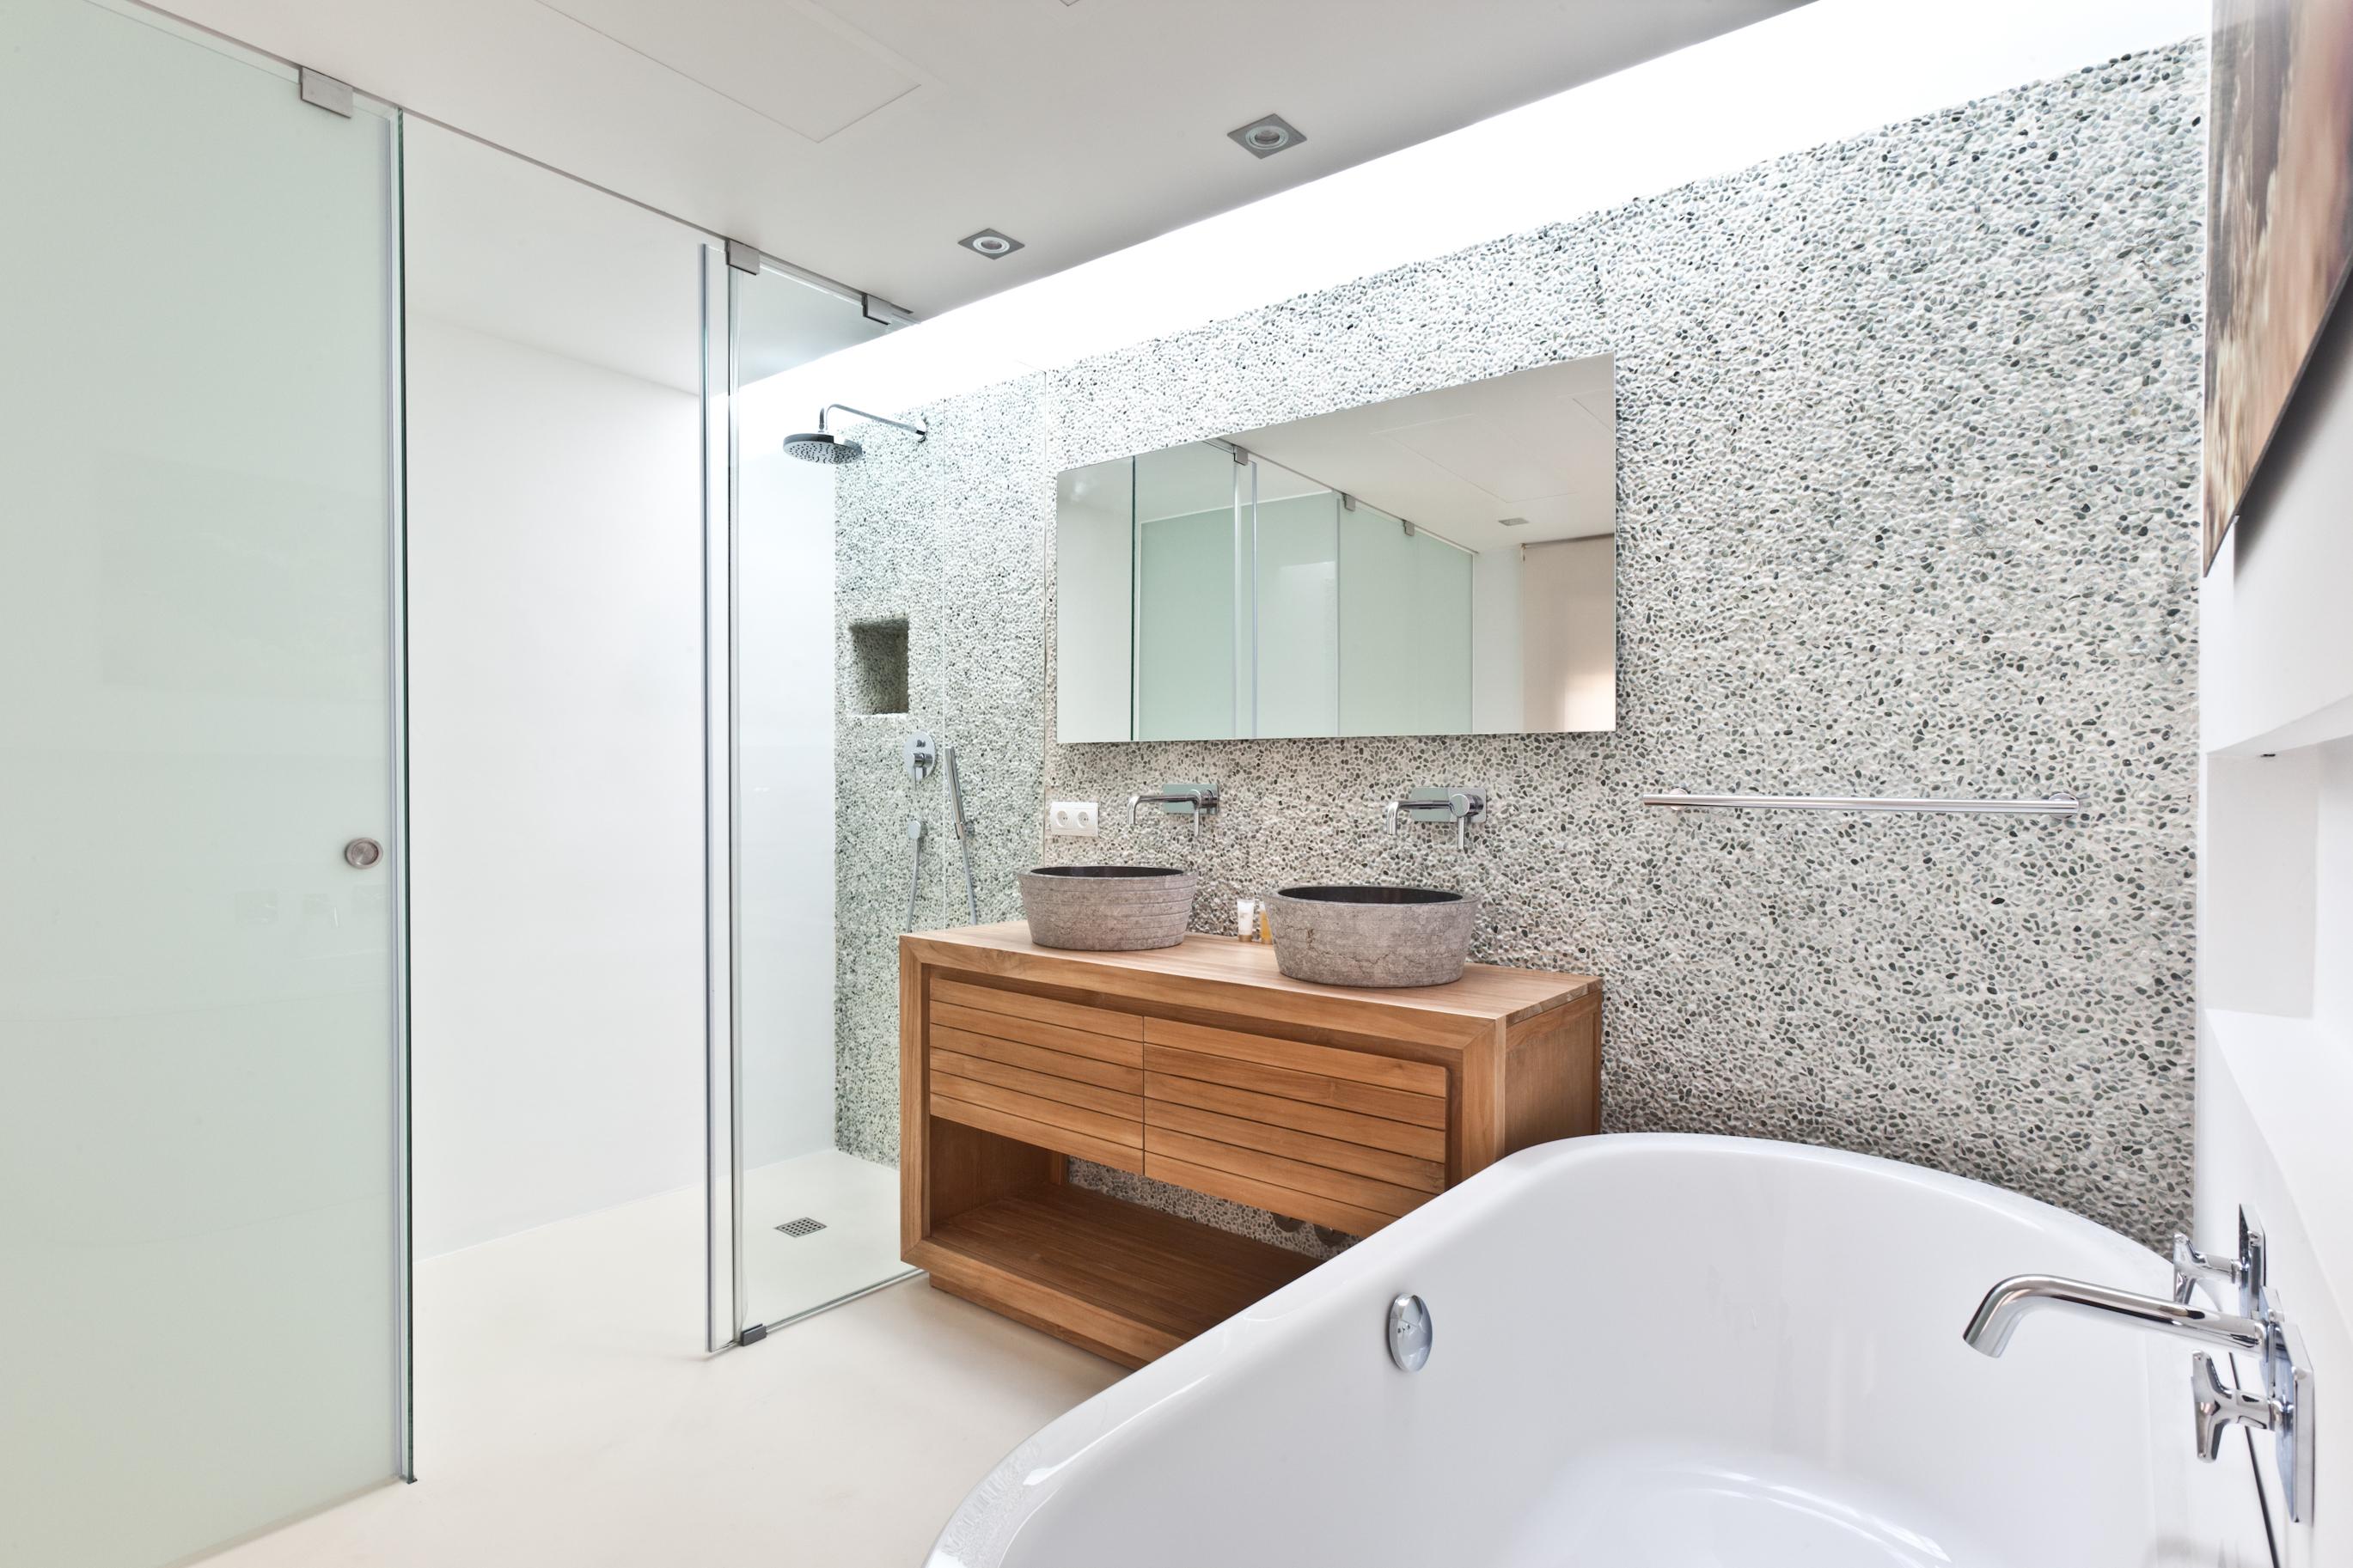 Mueble teka y lavabos marmol for Lavamanos de marmol